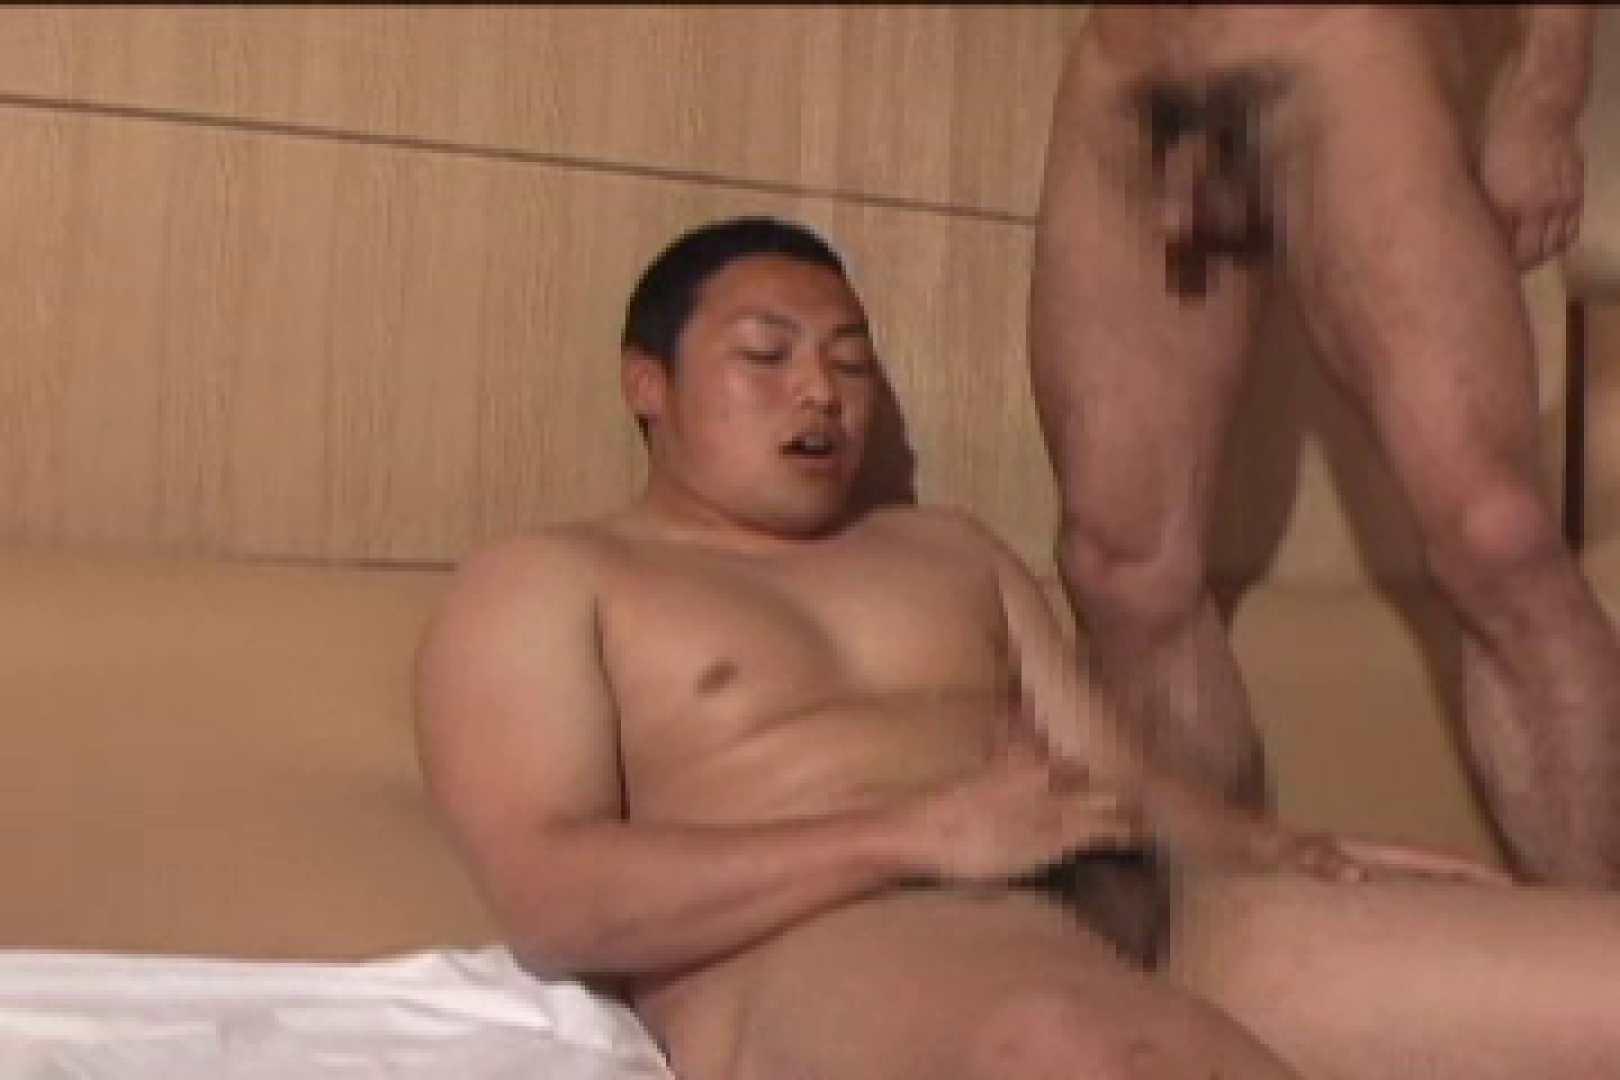 スポMENファック!!反り勃つ男根!!vol.6 スポーツマン ゲイ丸見え画像 112pic 23